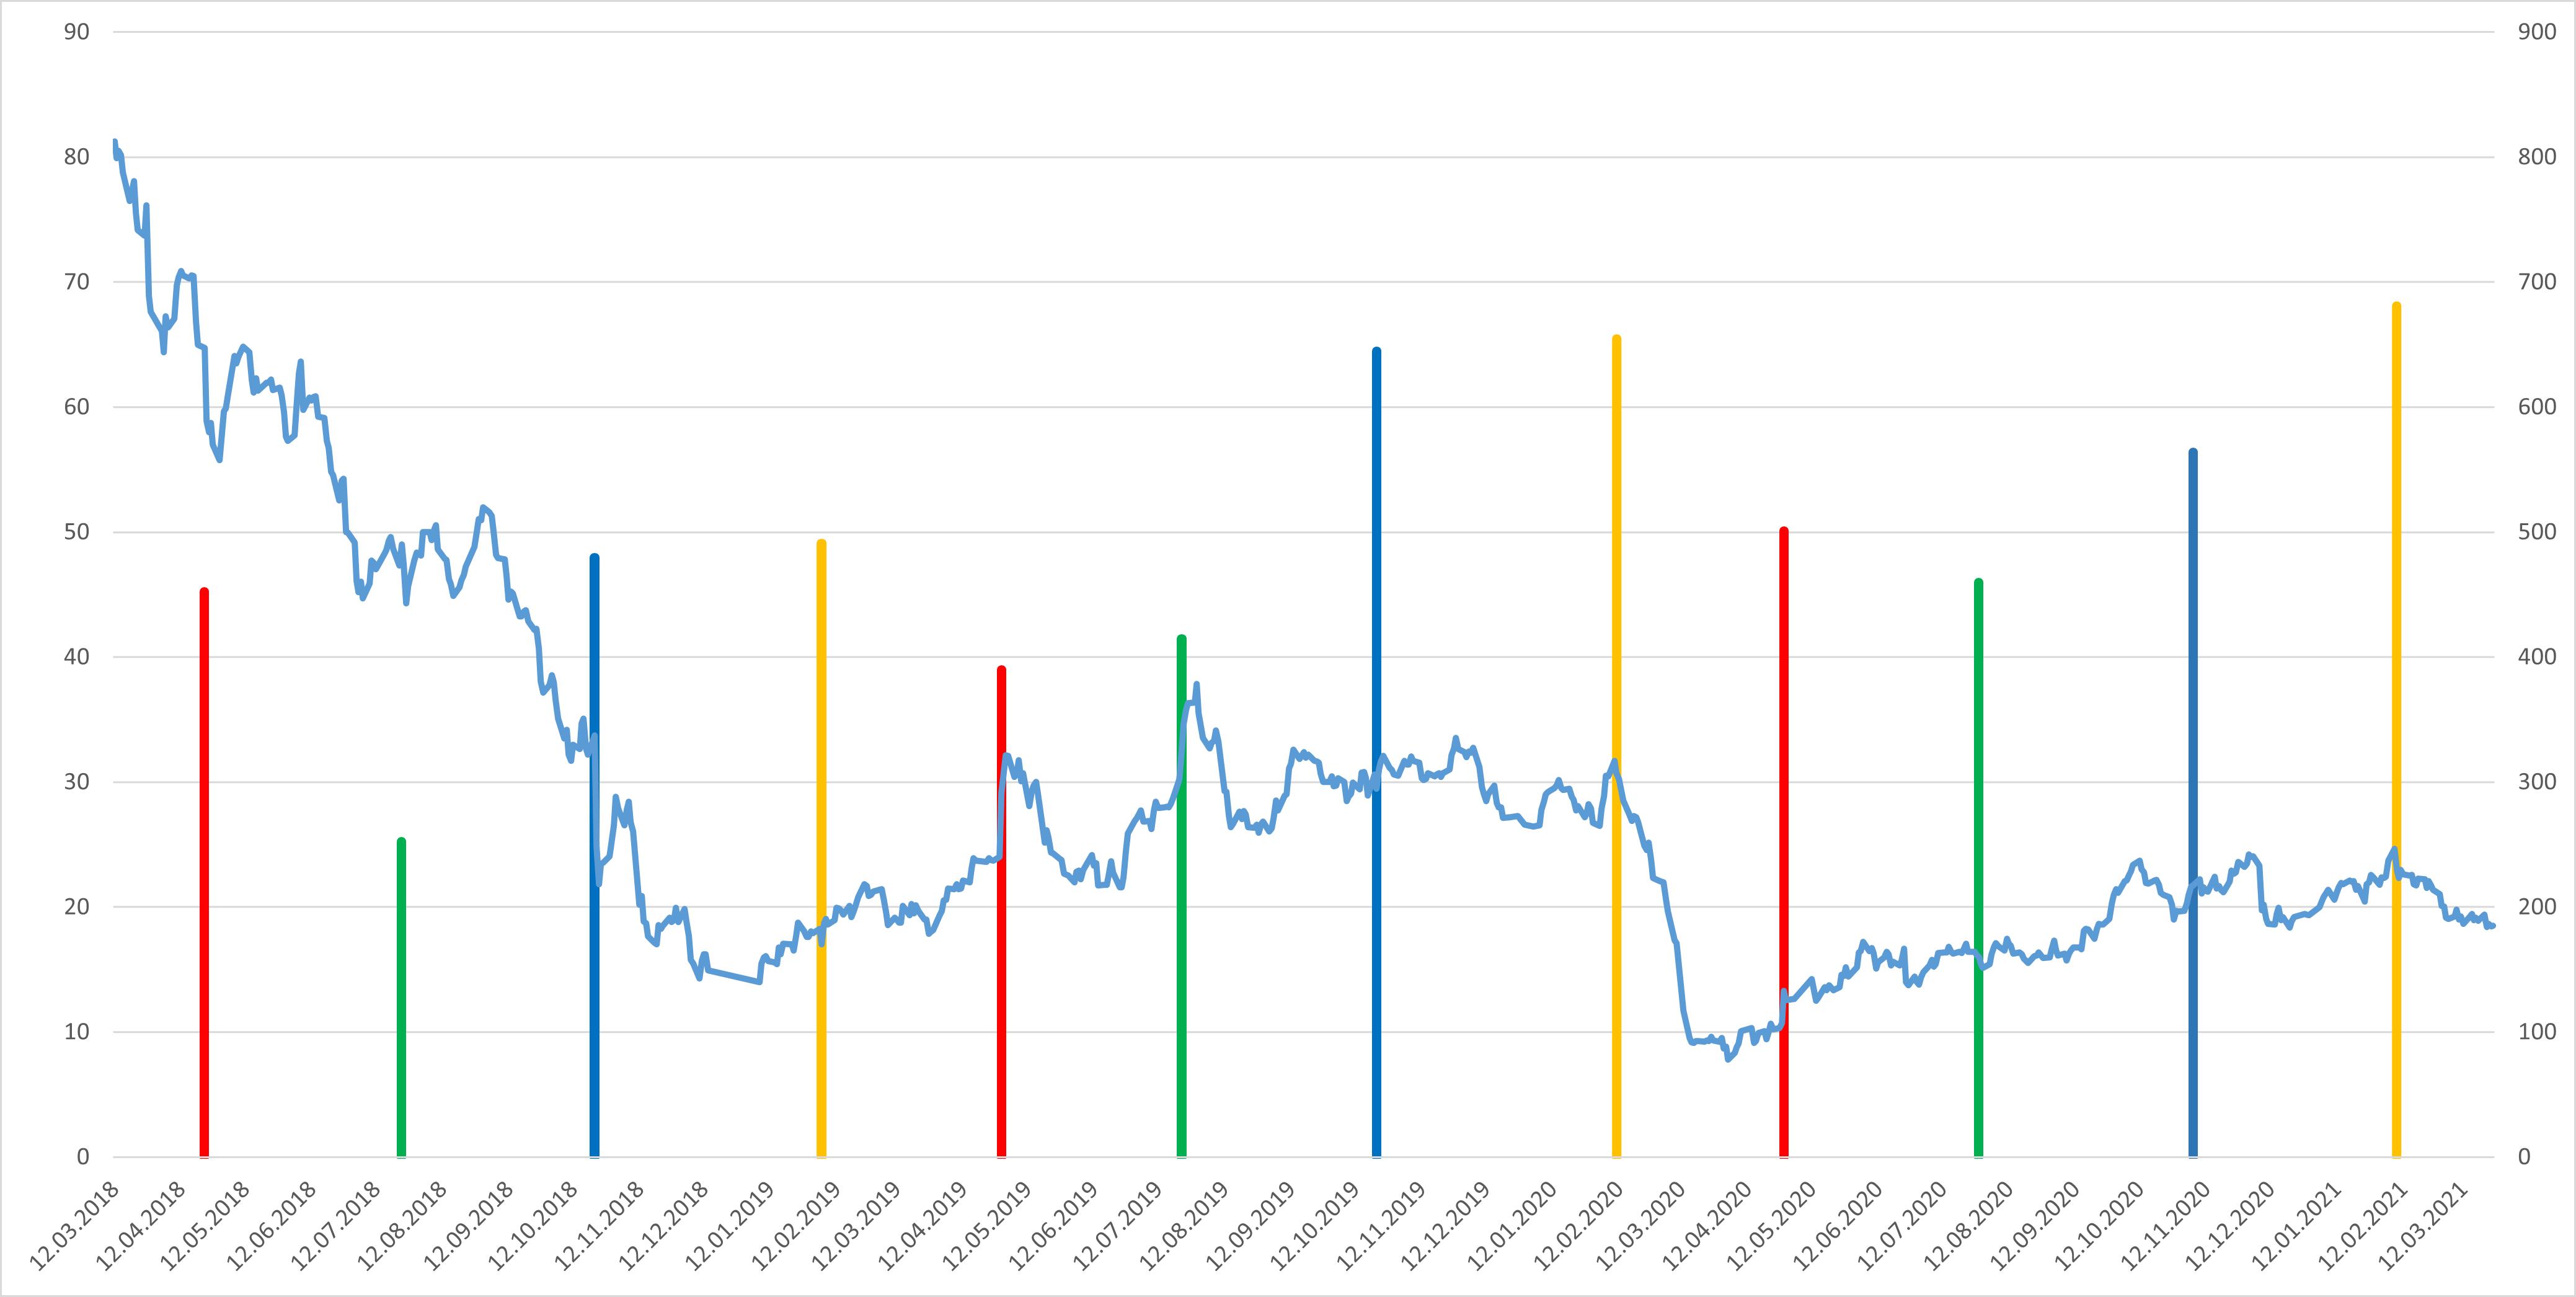 ams_chart_vs_q.png